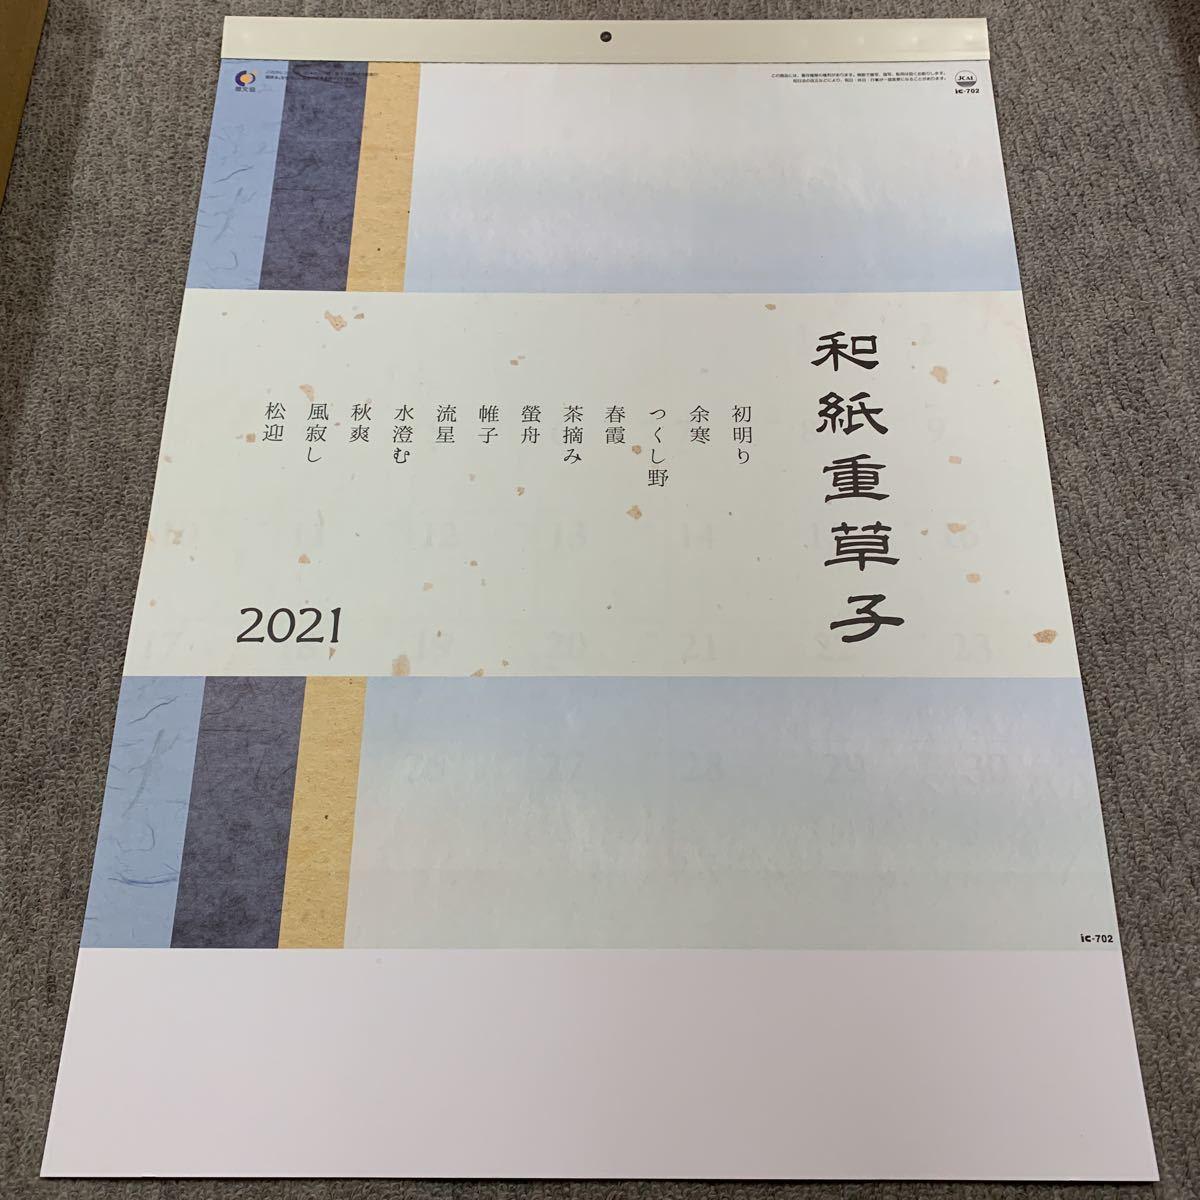 2021 和紙重草子 壁掛けカレンダー 和風_画像1